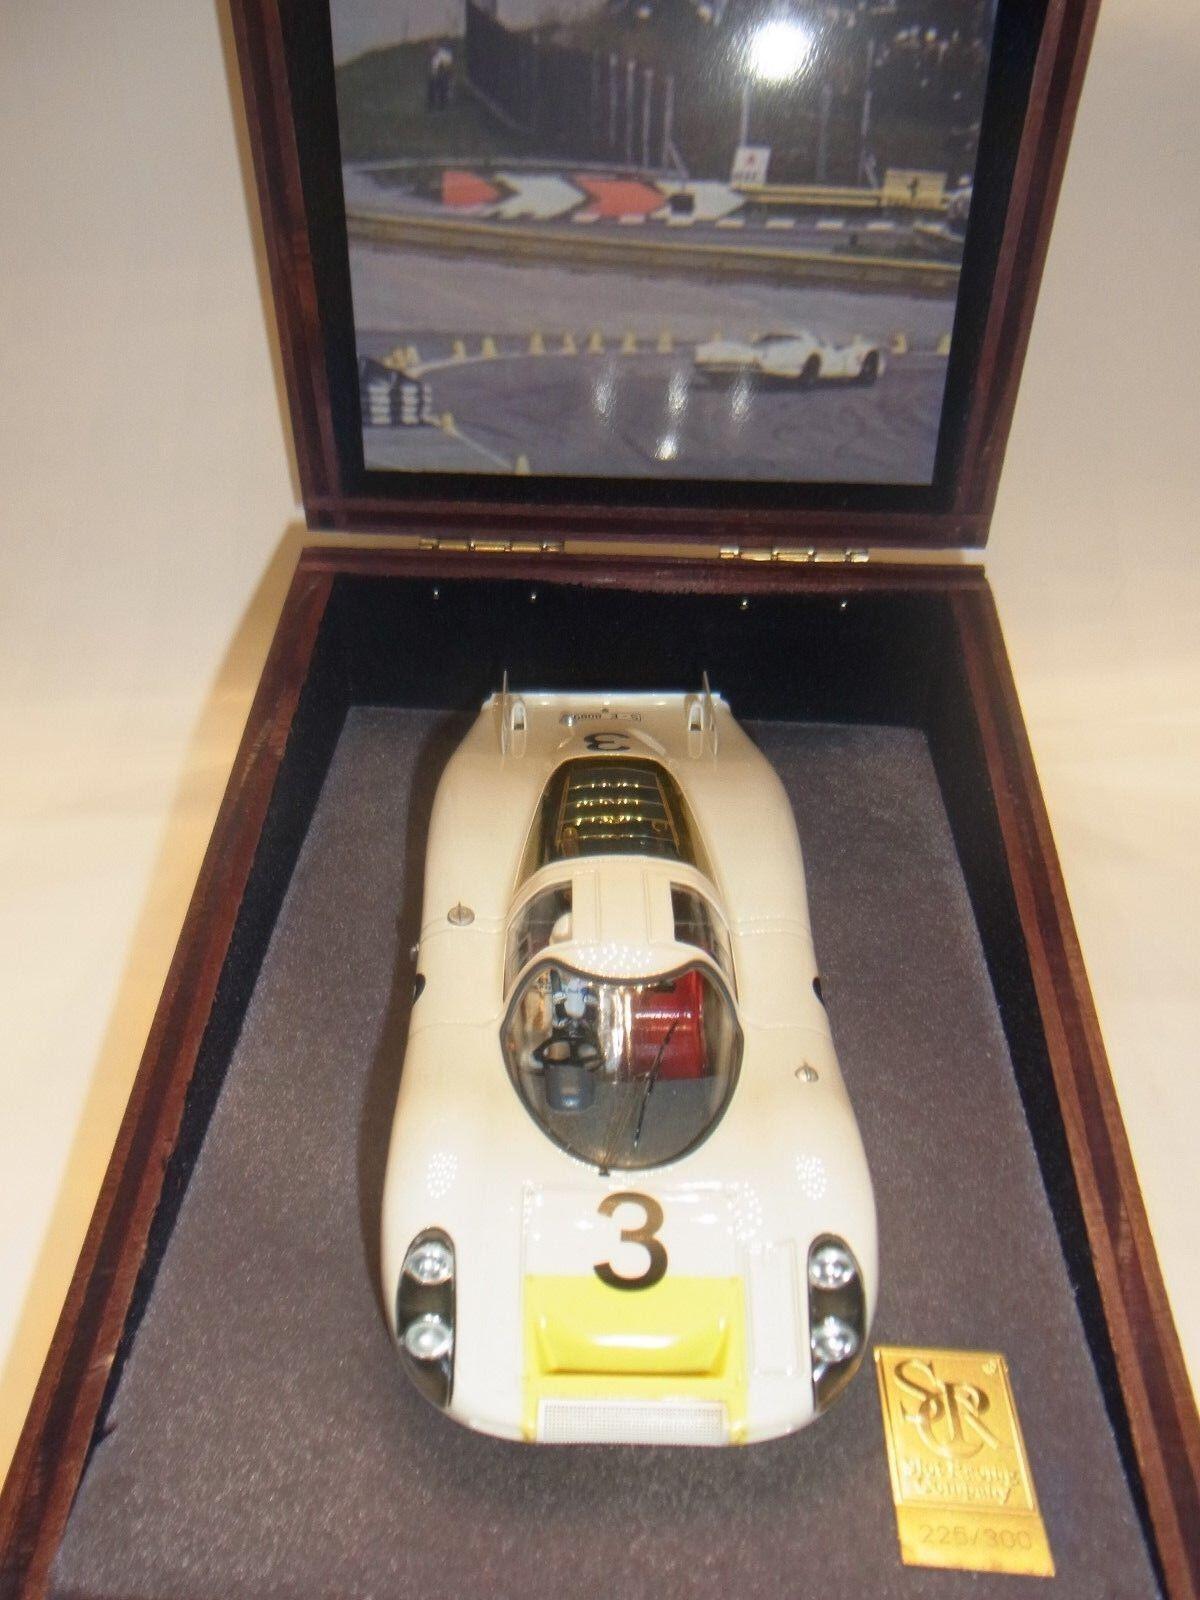 SRC Porsche 907L Monza 1968  3 Stommelen Neerpasch SRC00110 1 32 Slotcar  | Neue Produkte im Jahr 2019